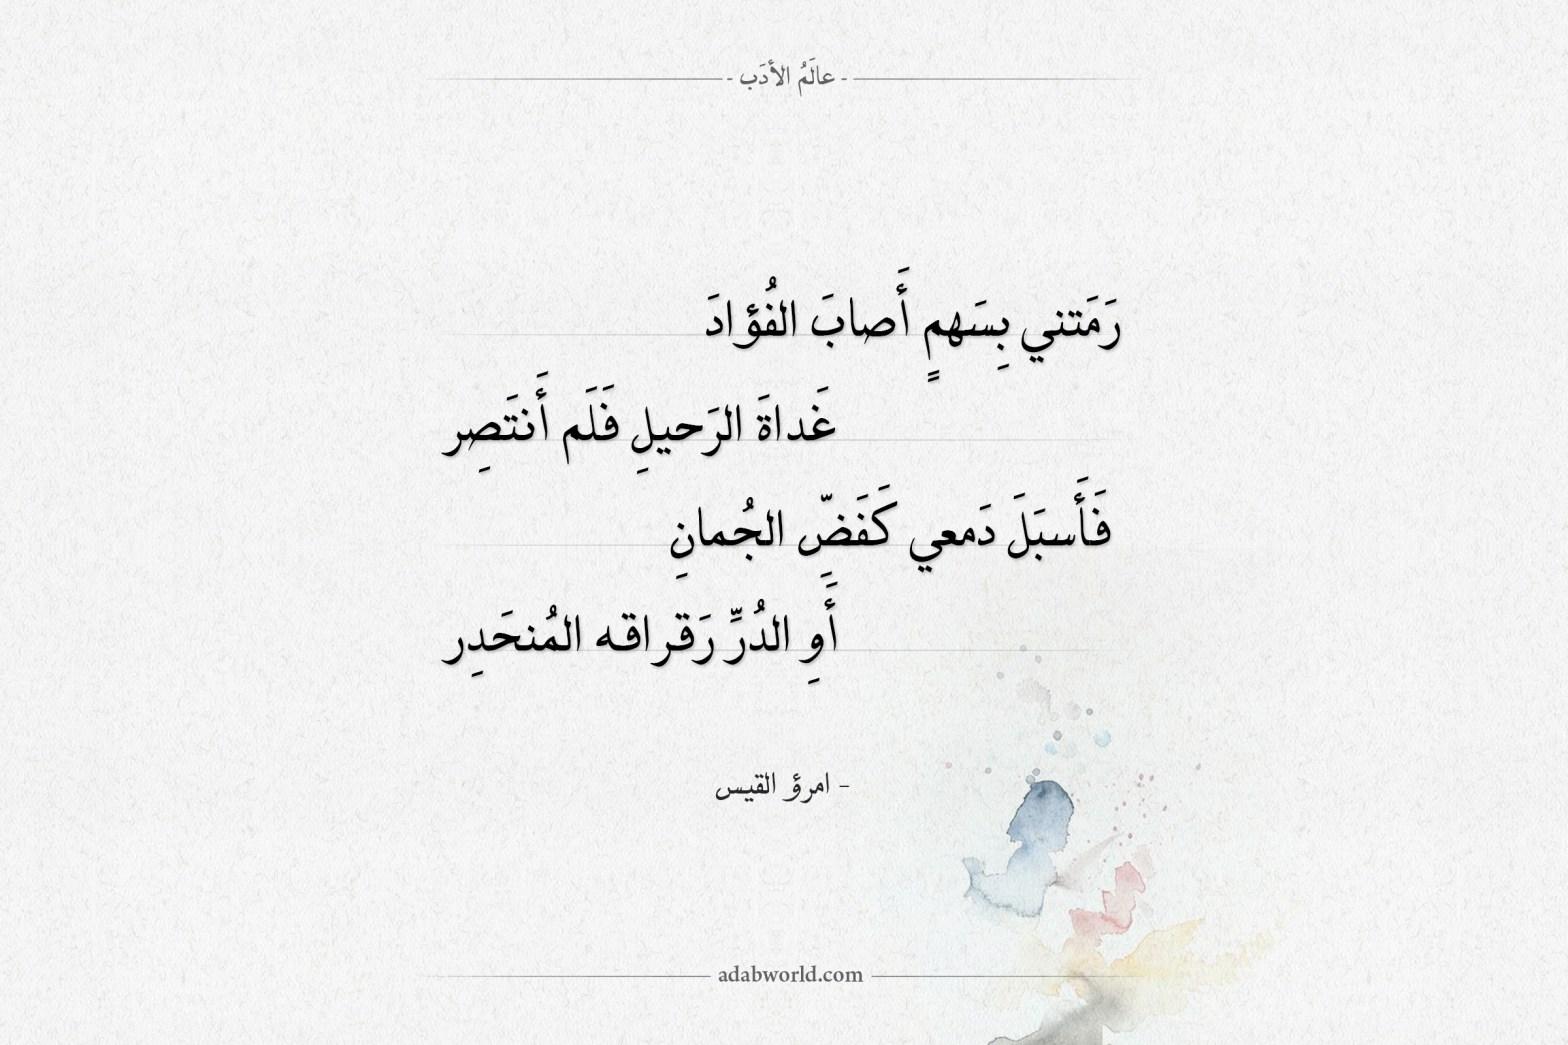 أجمل أبيات شعر امرؤ القيس عالم الأدب